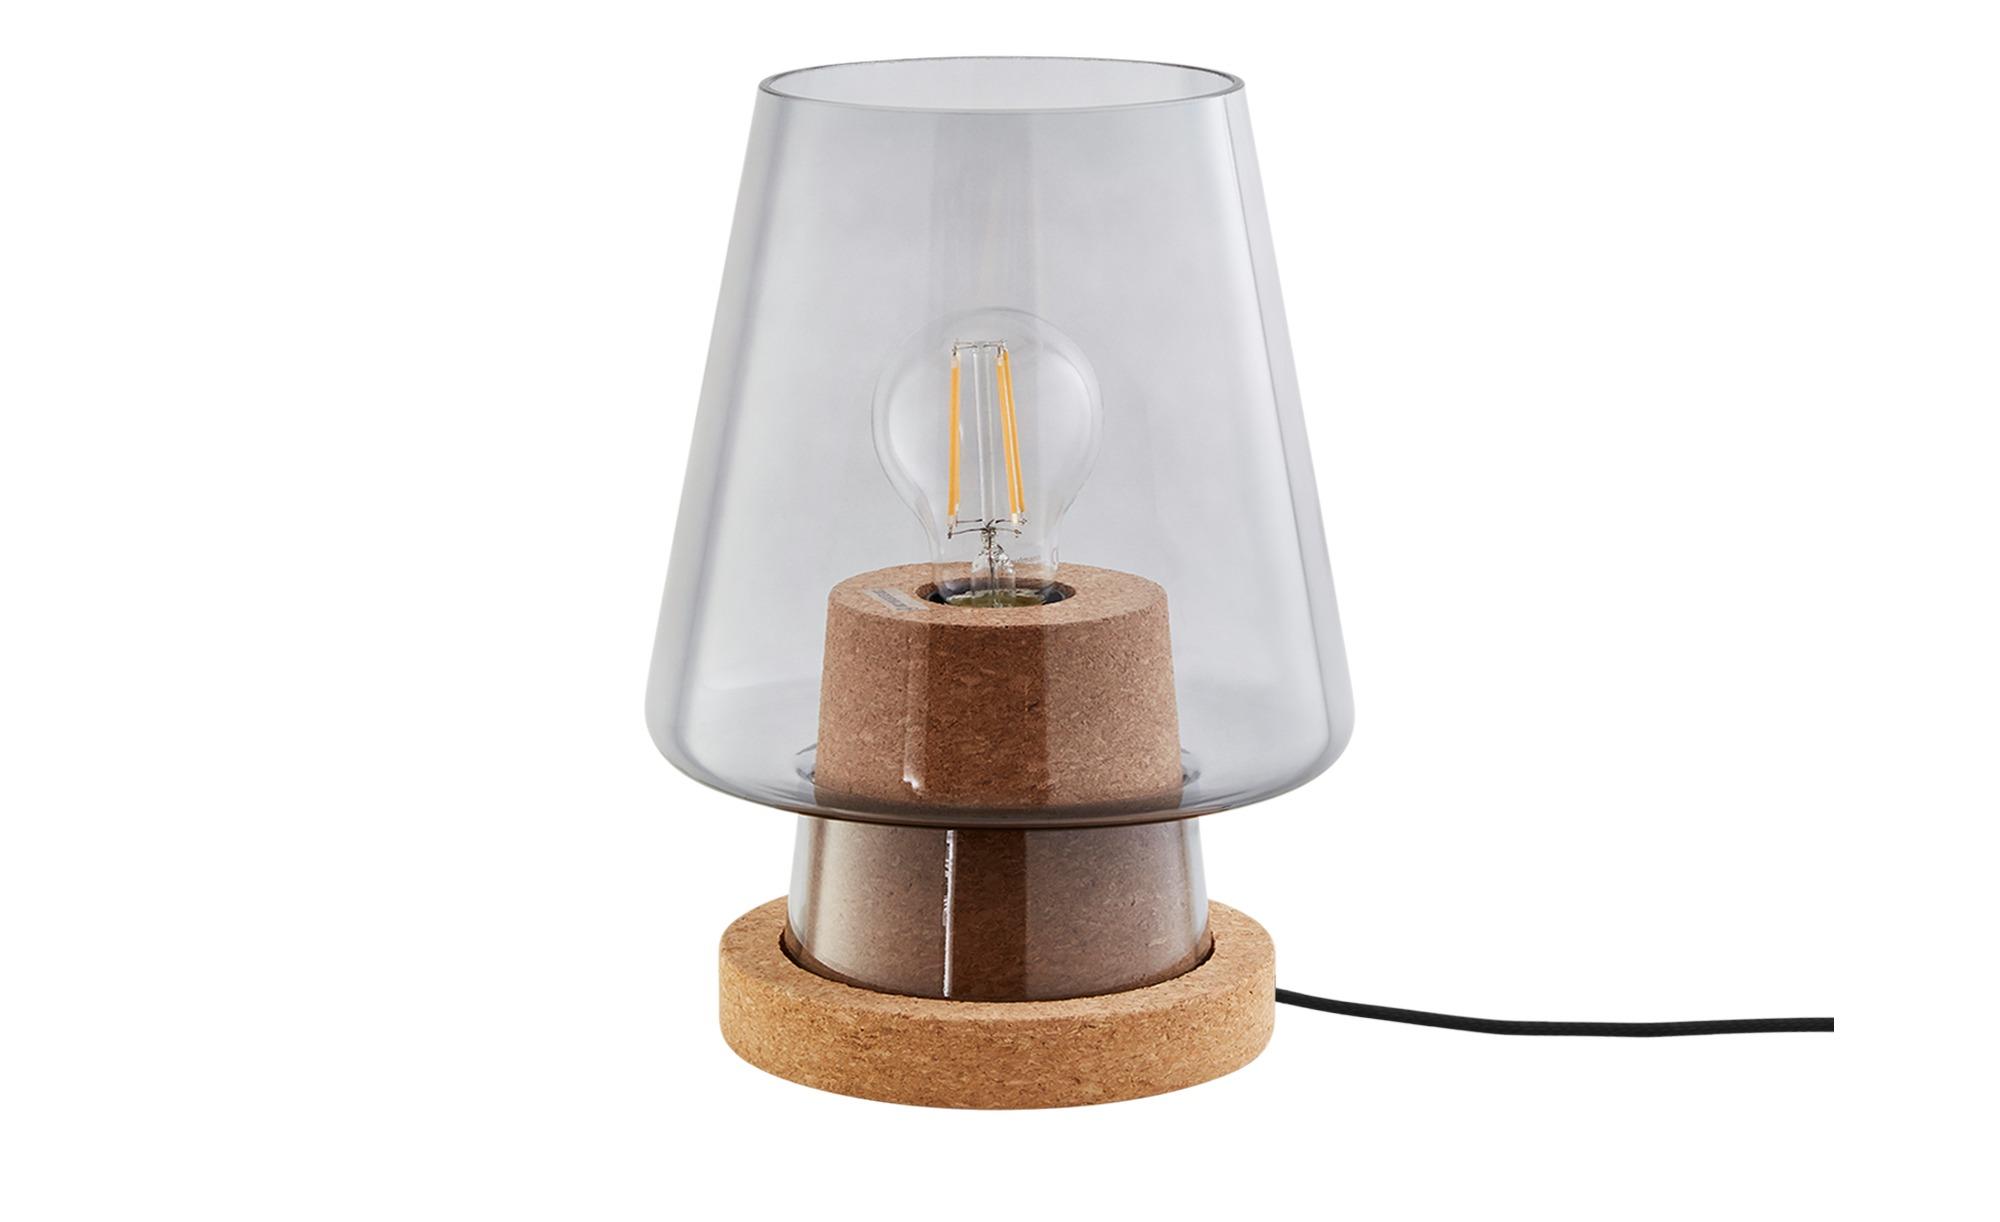 Tischleuchte, 1-flammig, Kork / Rauchglas ¦ schwarz ¦ Maße (cm): H: 25,5 Ø: 19 Lampen & Leuchten > Innenleuchten > Tischlampen - Höffner